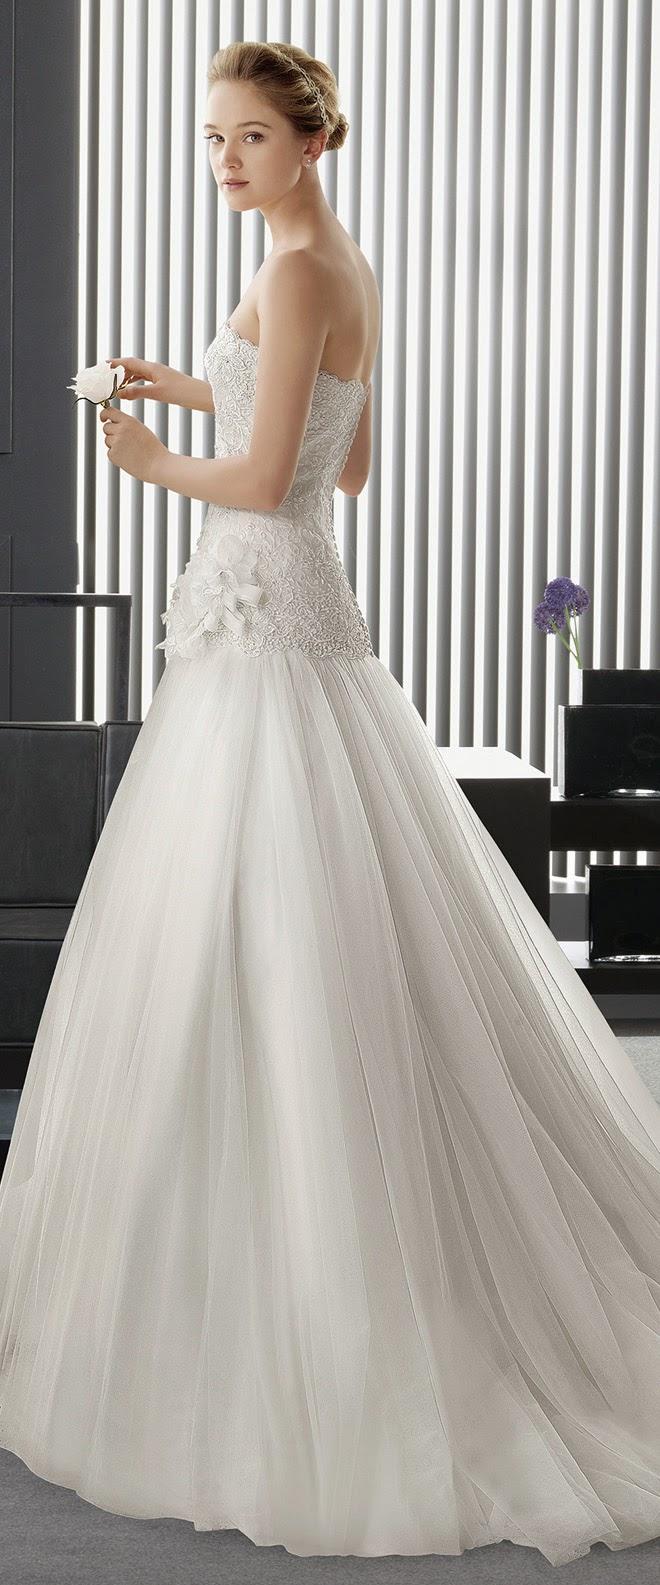 Clara Rosa Wedding Dresses 97 Fancy Please contact Rosa Clara